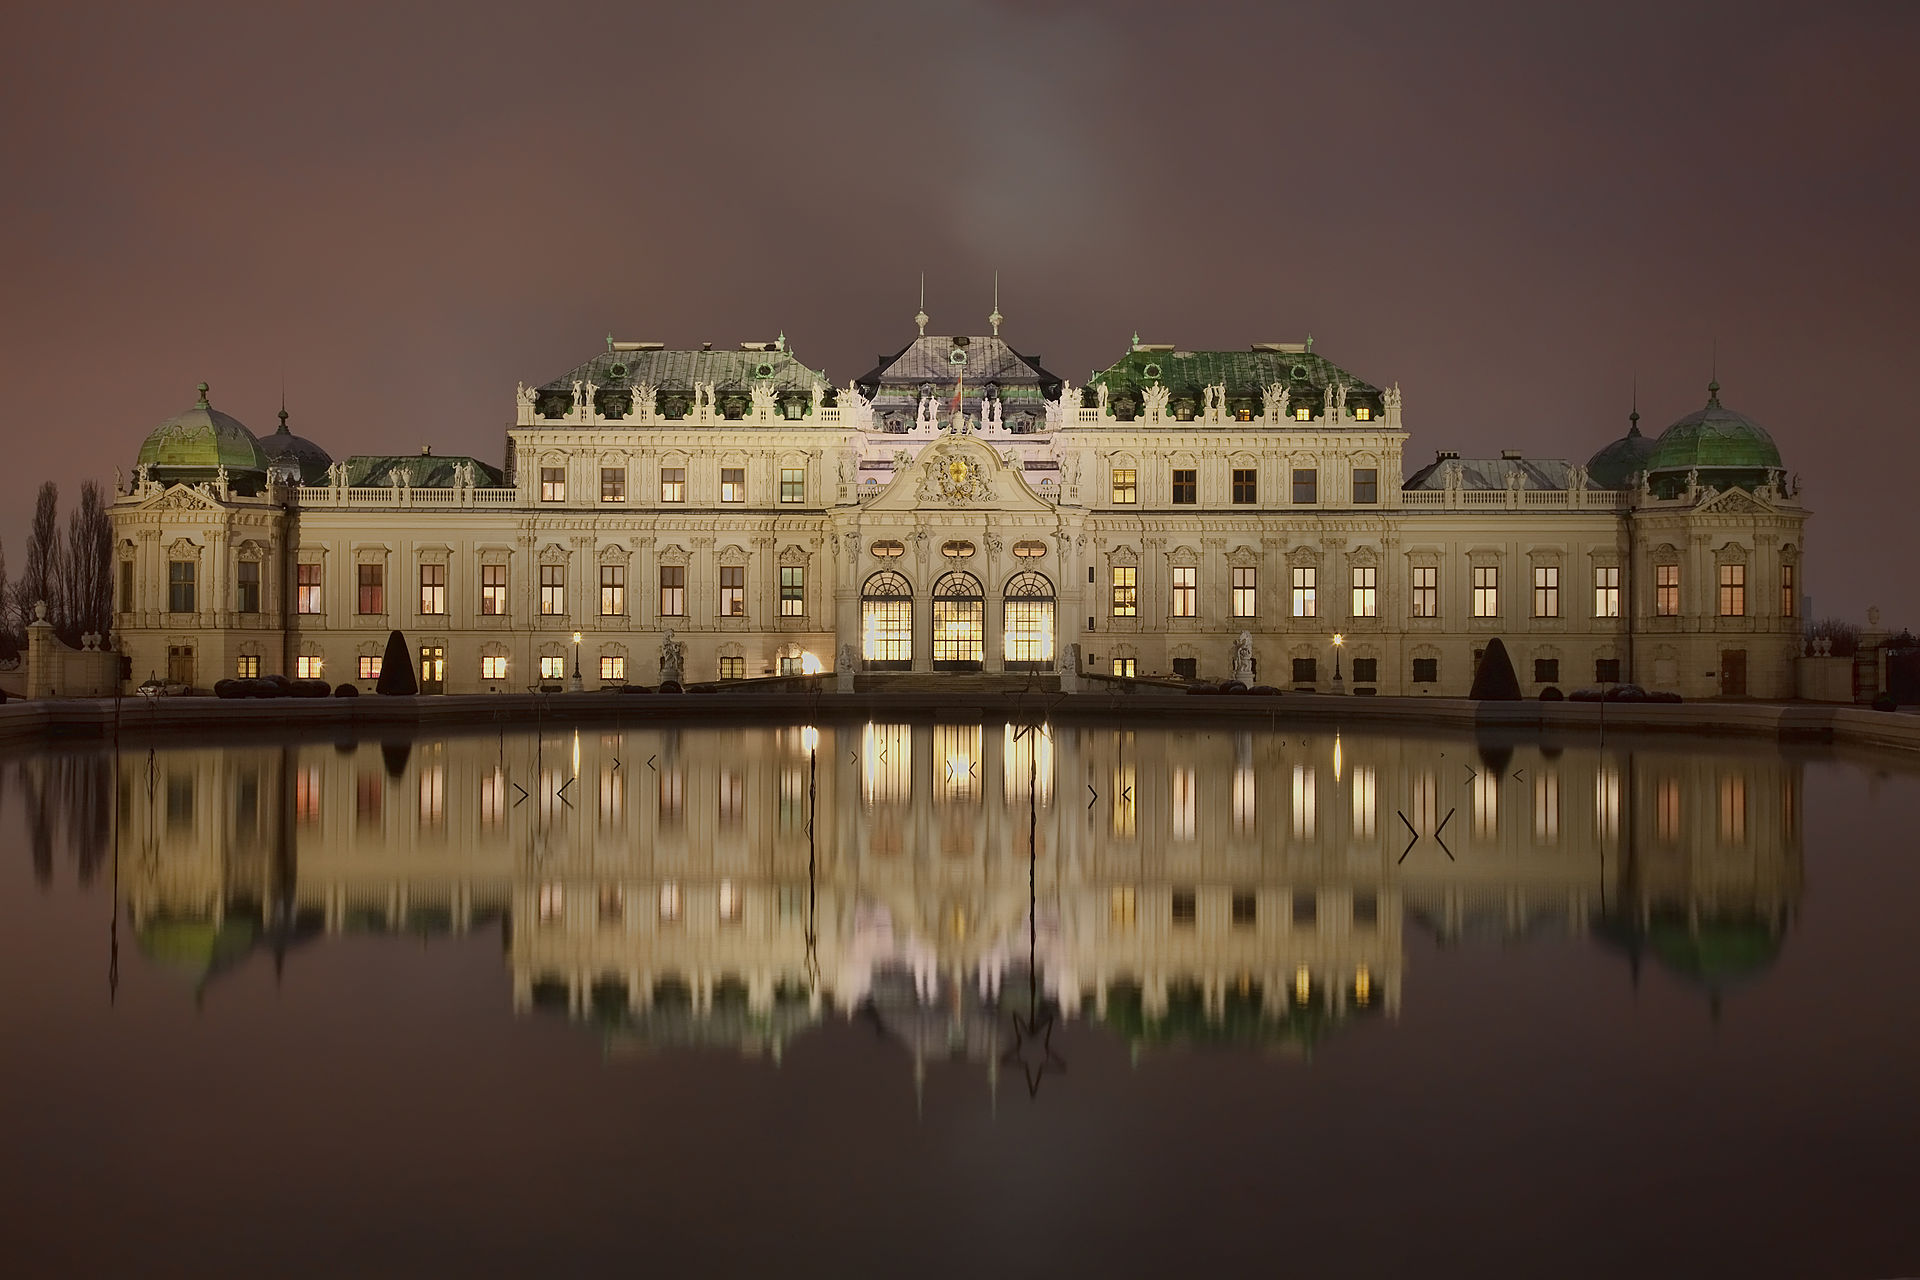 Бельведер. Дворцовый комплекс в Вене